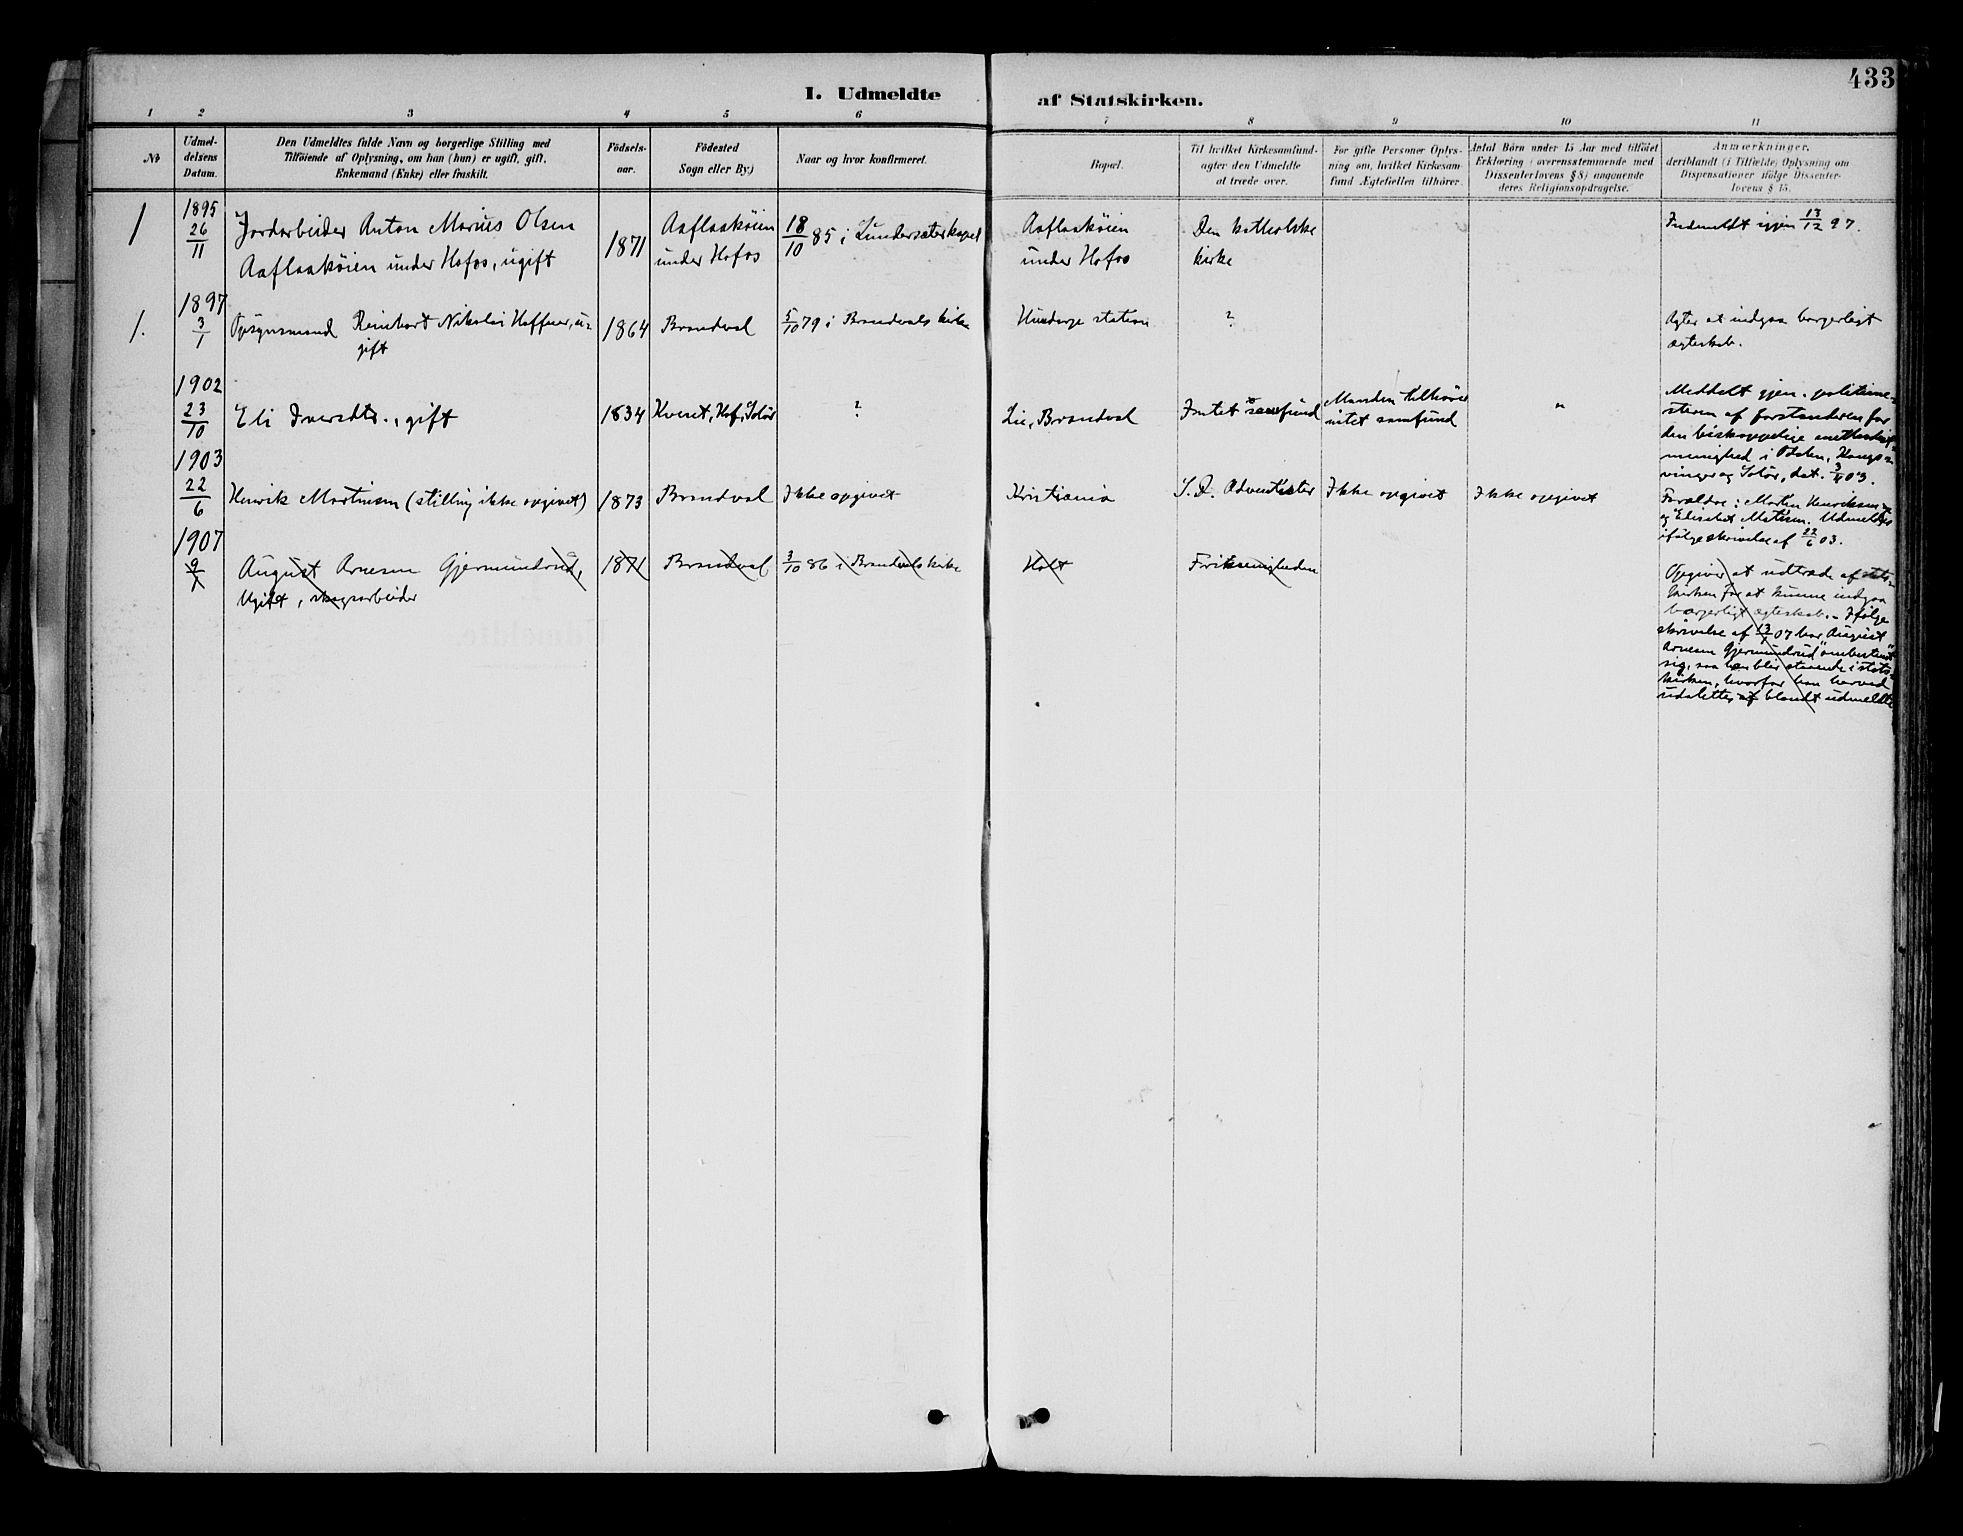 SAH, Brandval prestekontor, H/Ha/Haa/L0003: Ministerialbok nr. 3, 1894-1909, s. 433